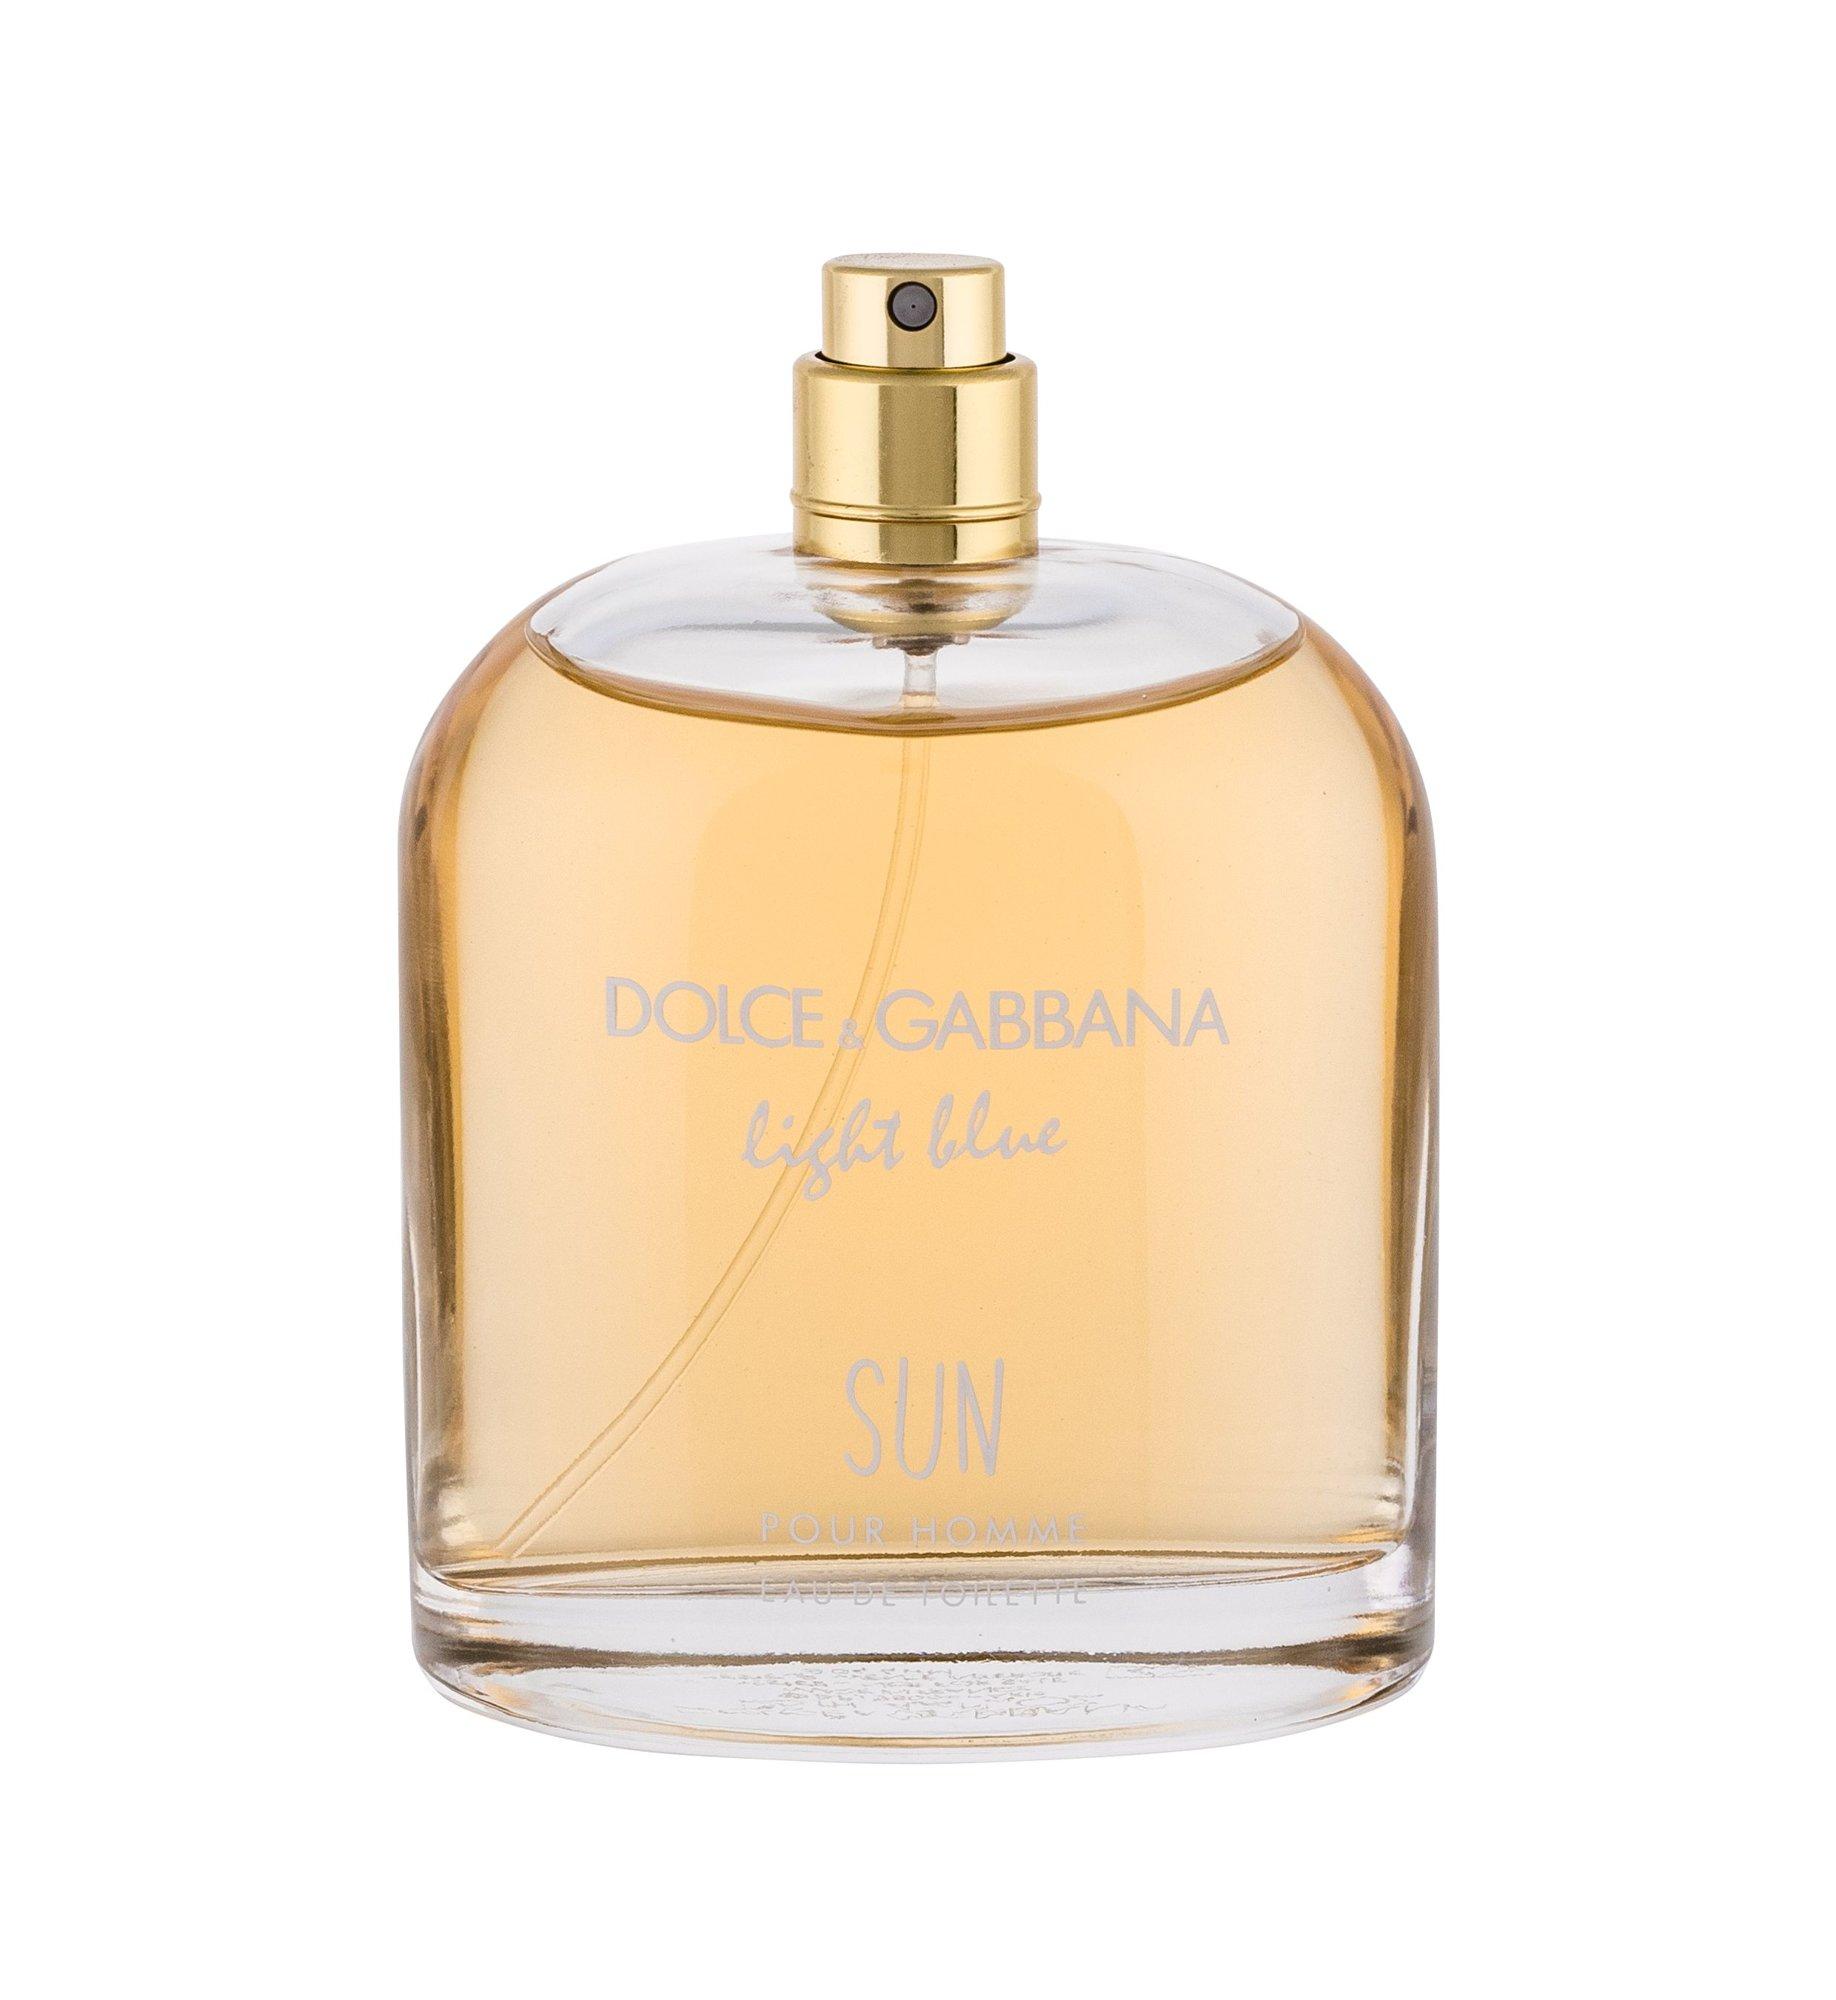 Dolce&Gabbana Light Blue Eau de Toilette 125ml  Sun Pour Homme